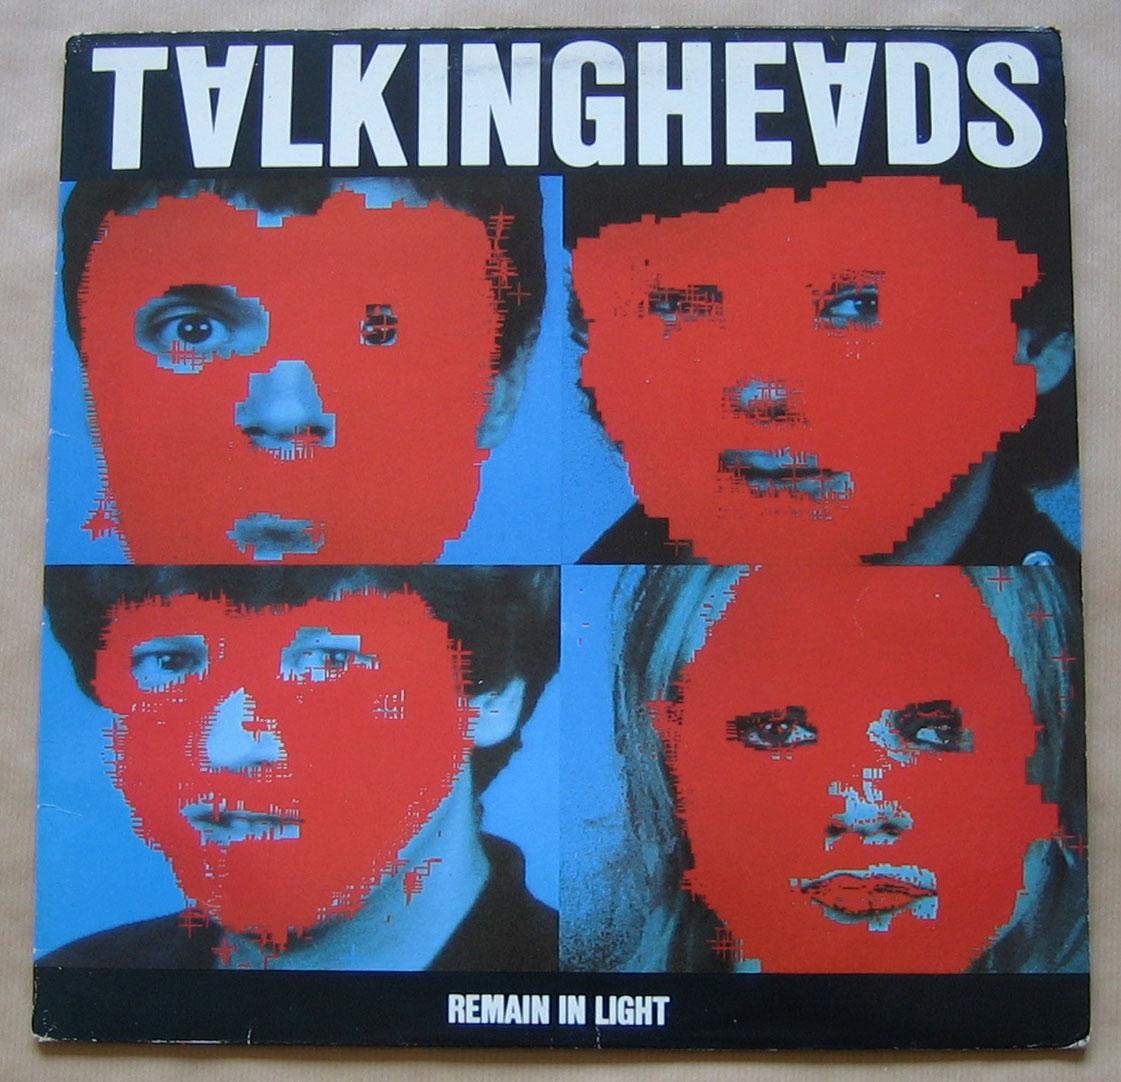 hoezen-talkingheads-voor